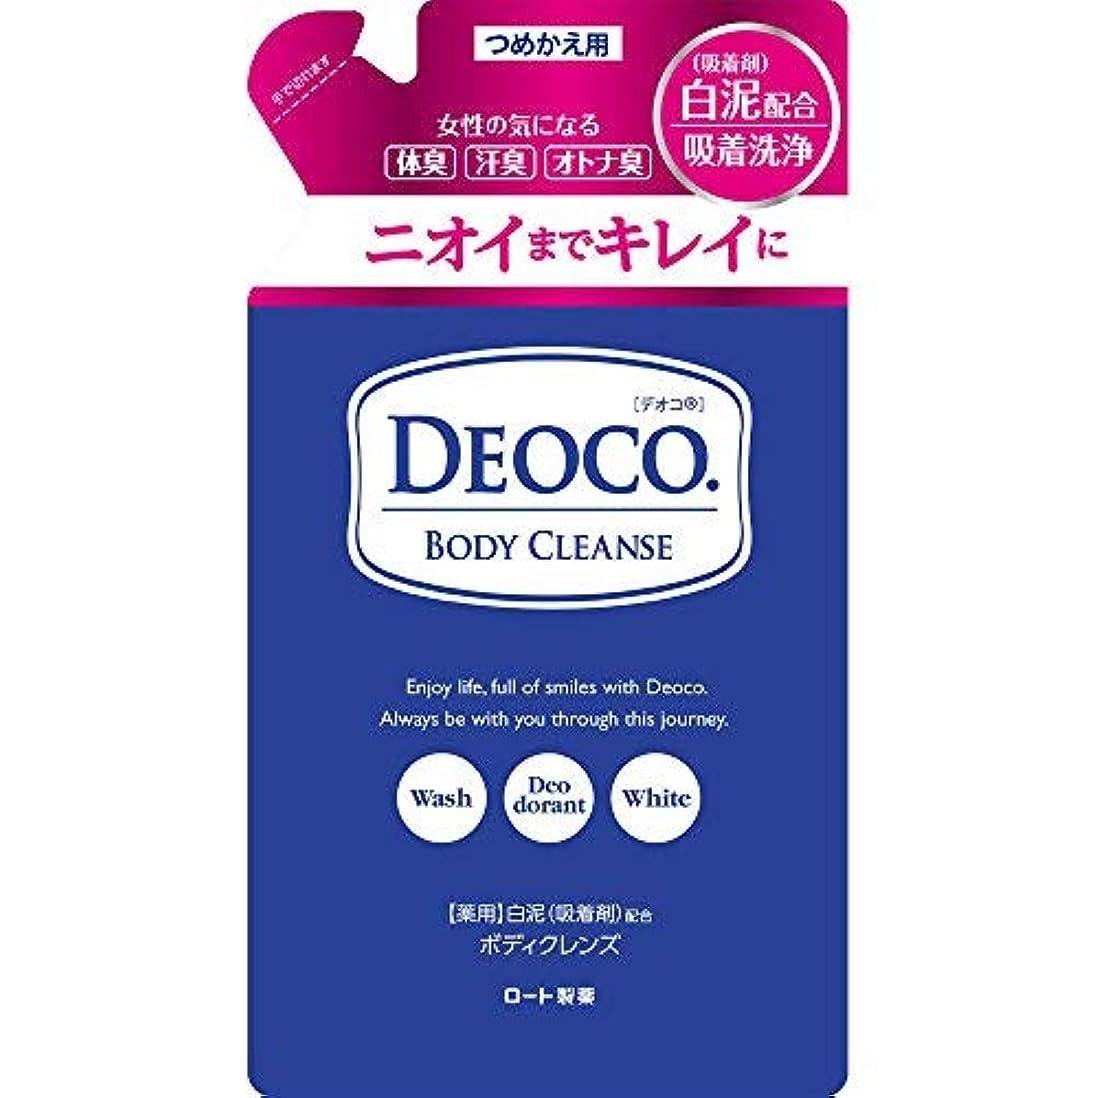 コード要旨ピックロート製薬 デオコ DEOCO 薬用 ボディクレンズ 詰め替え 250ml × 5個セット